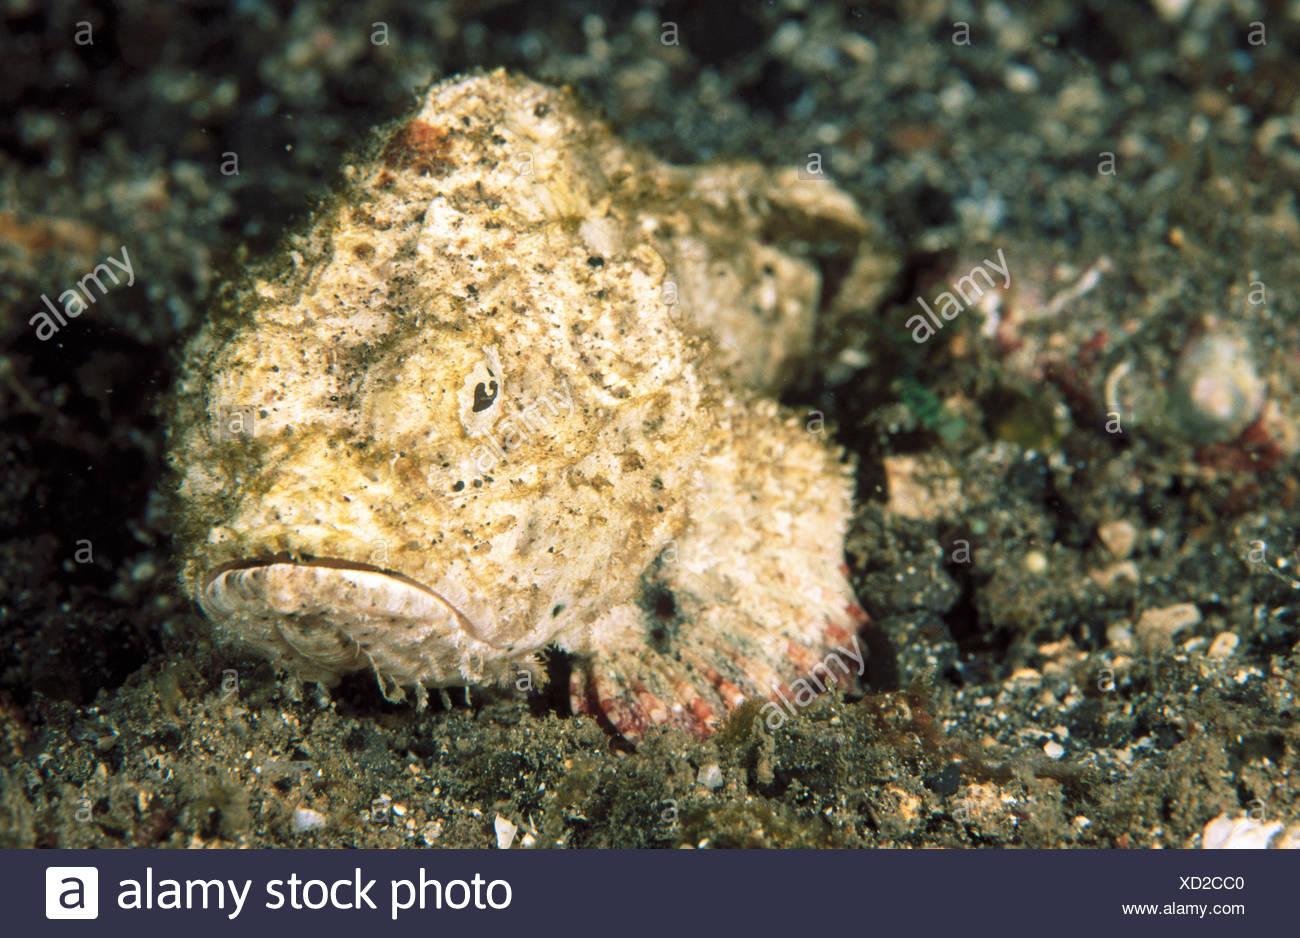 Humpbacked Scorpionfish (Scorpaenopsis gibbosa). Indonesia - Stock Image